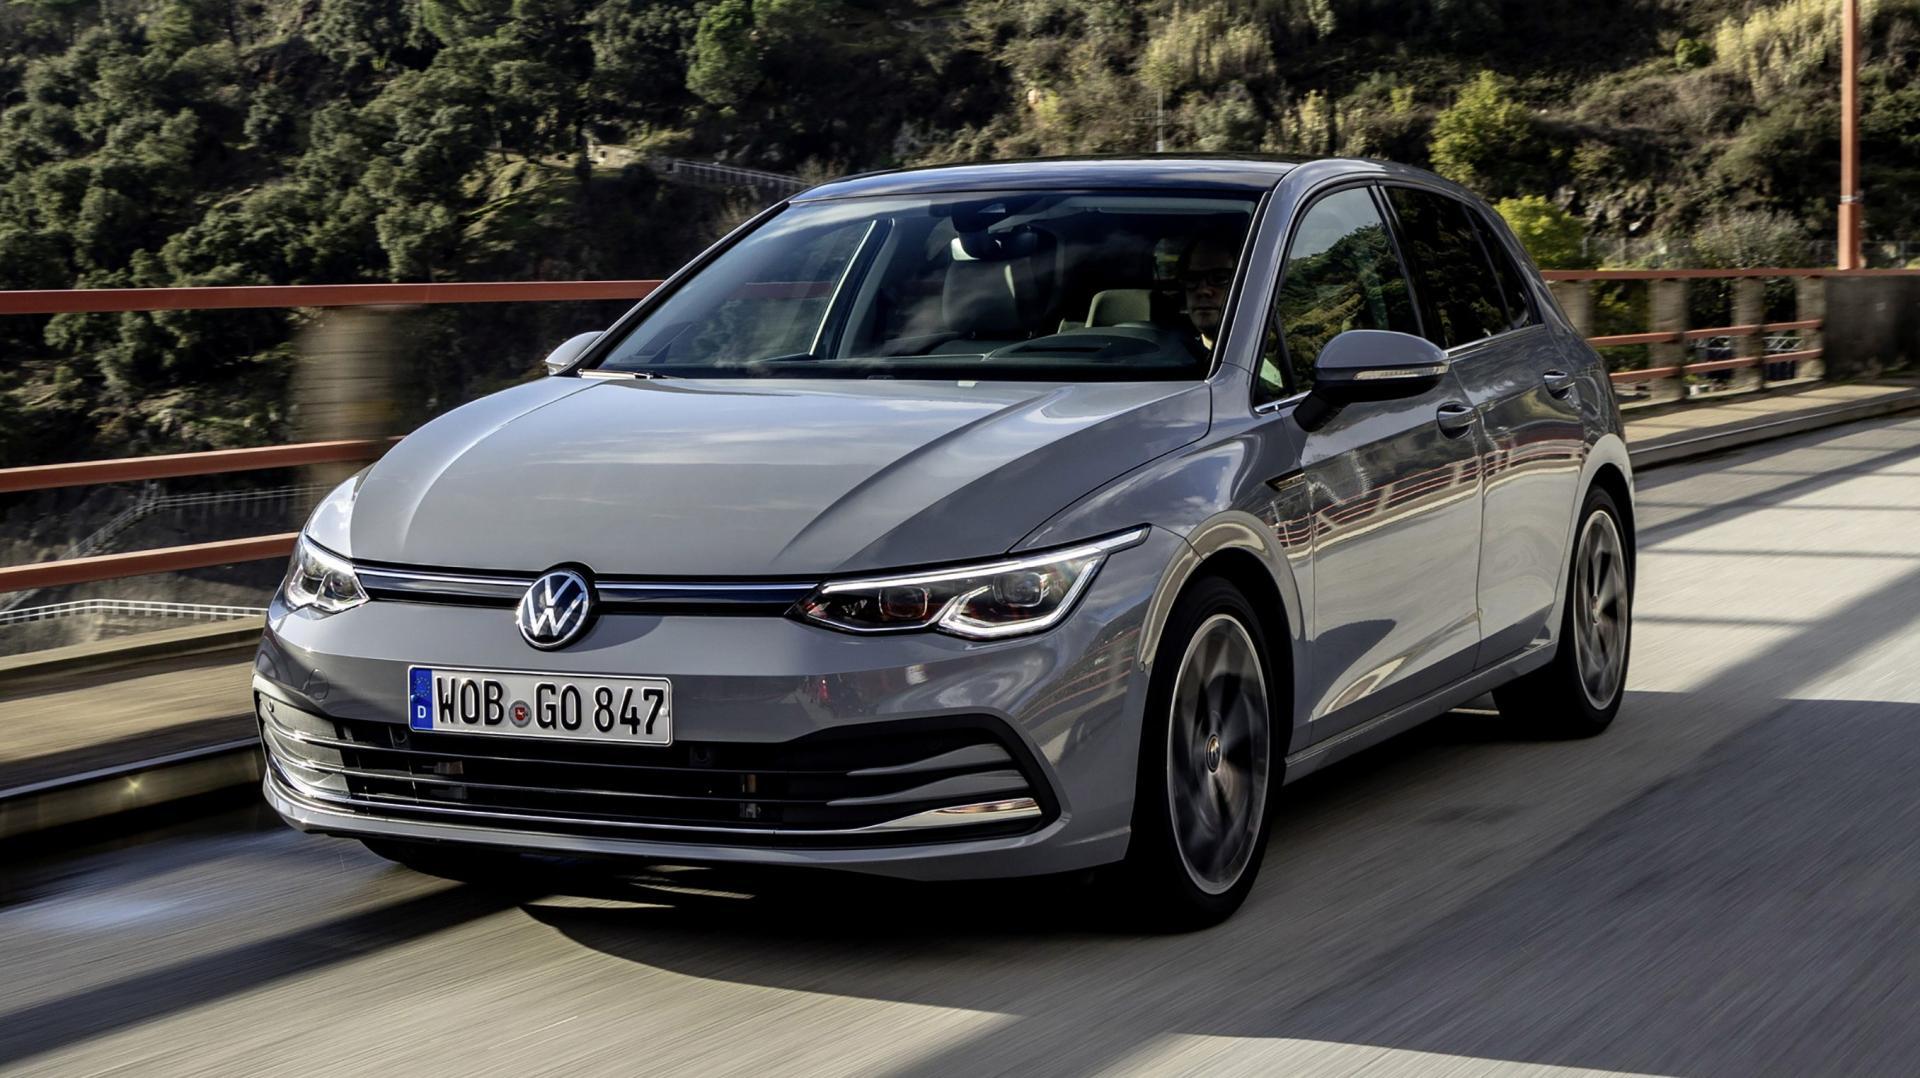 Volkswagen Golf 8 1.5 eTSI - test en specificaties ...